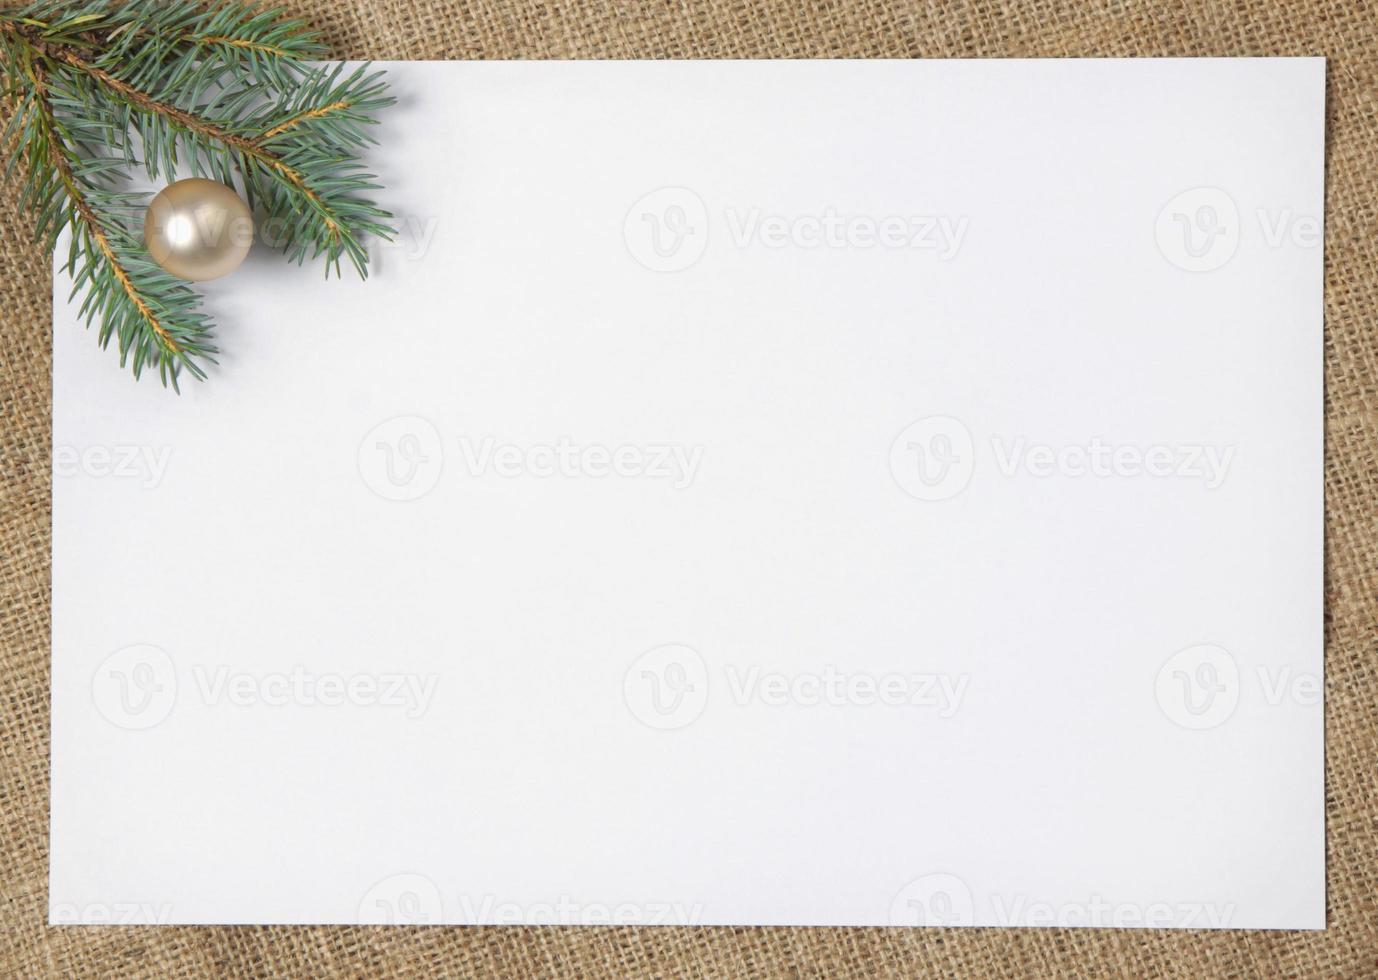 Weihnachtskarte foto